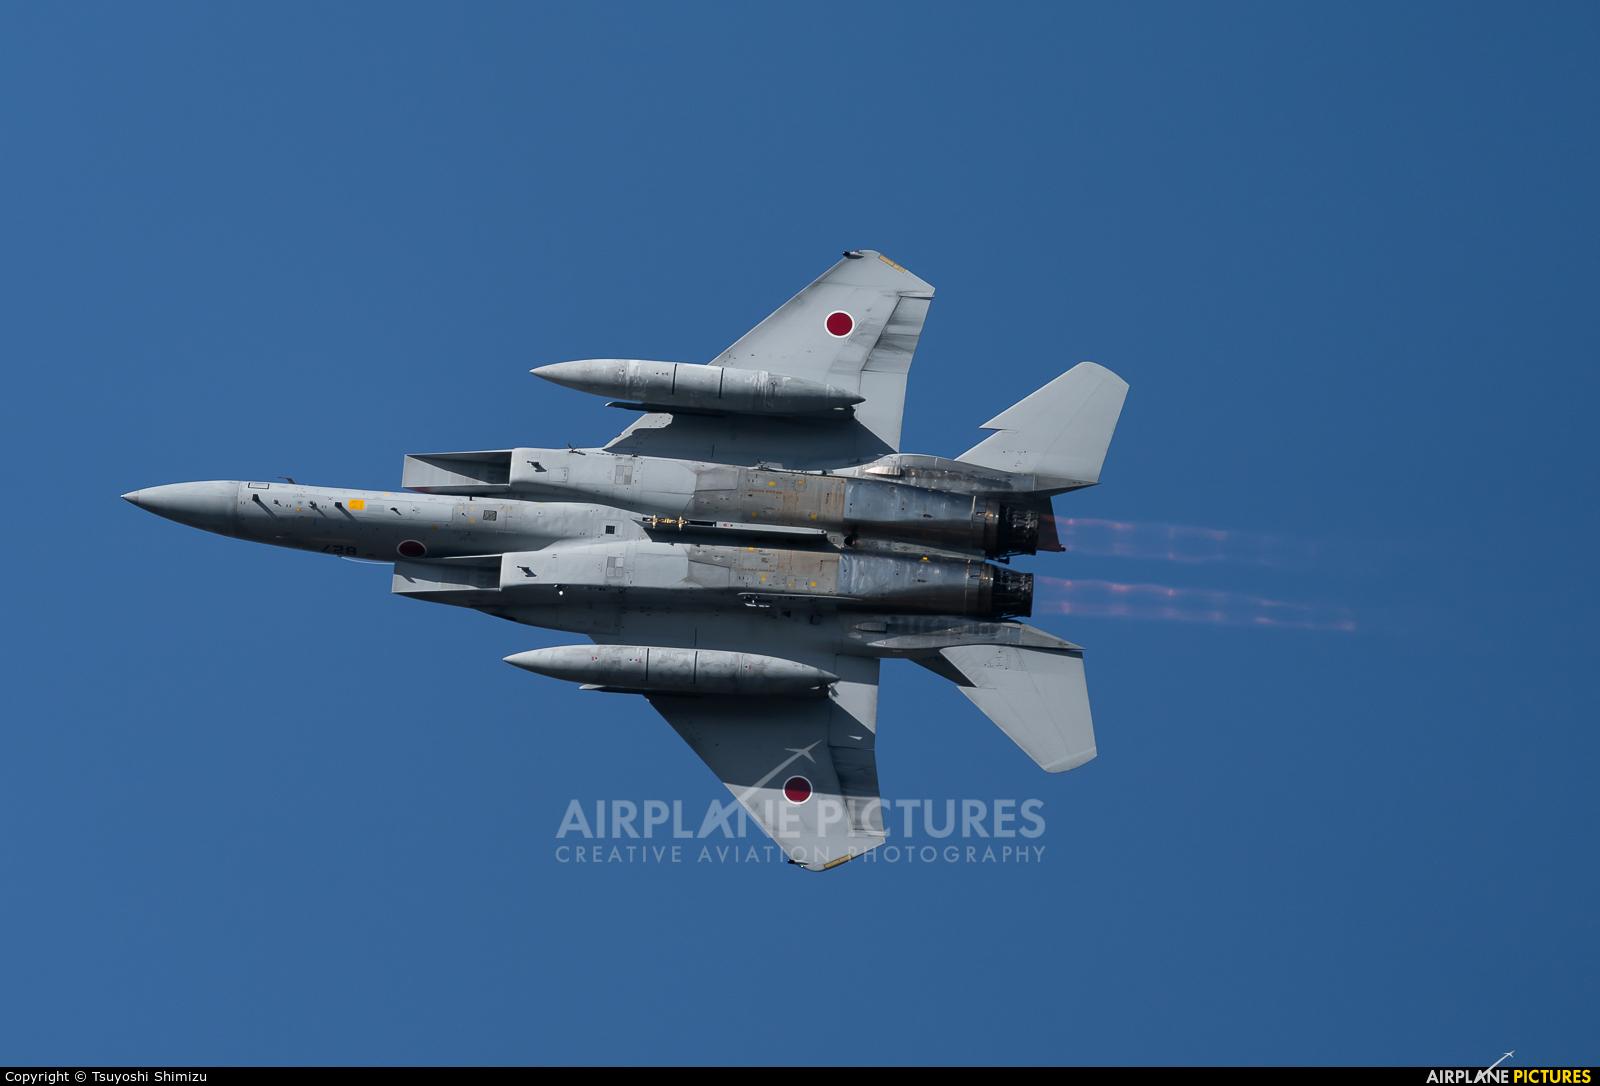 Japan - Air Self Defence Force 32-8827 aircraft at Ibaraki - Hyakuri AB